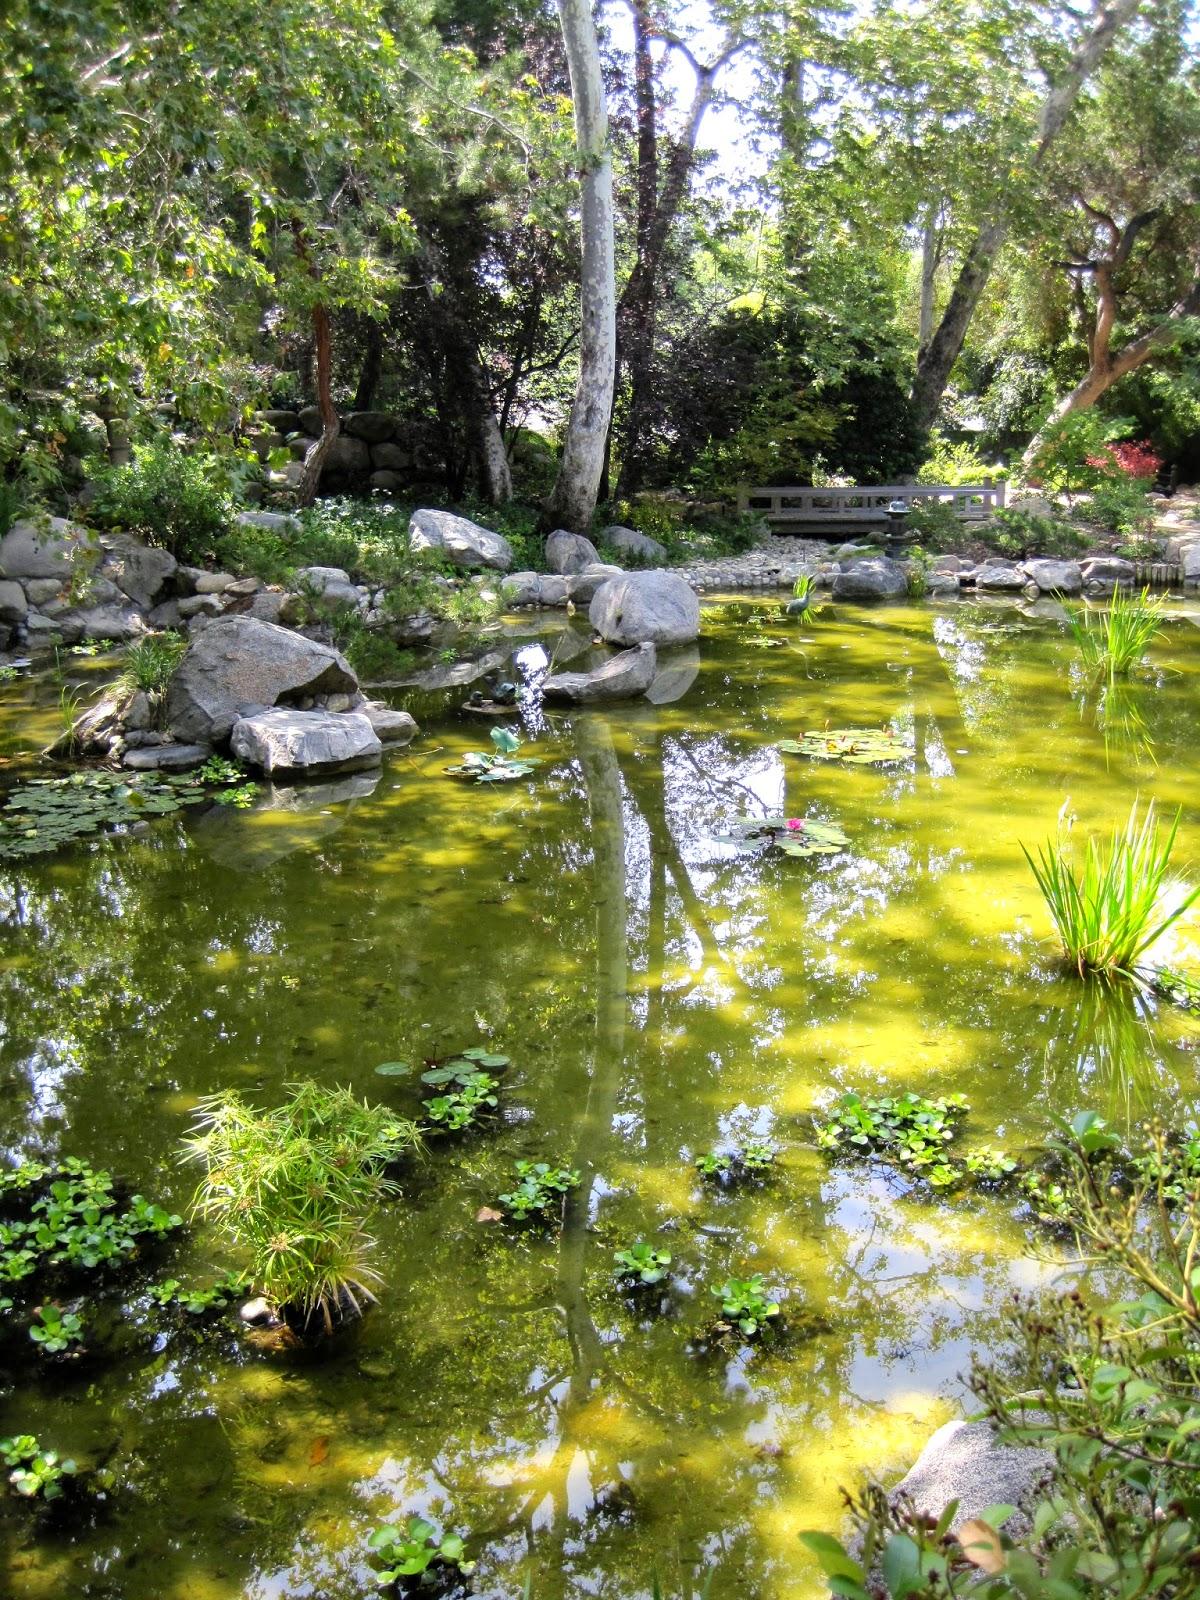 Sherry Schmidt Watercolors: A Japanese Garden